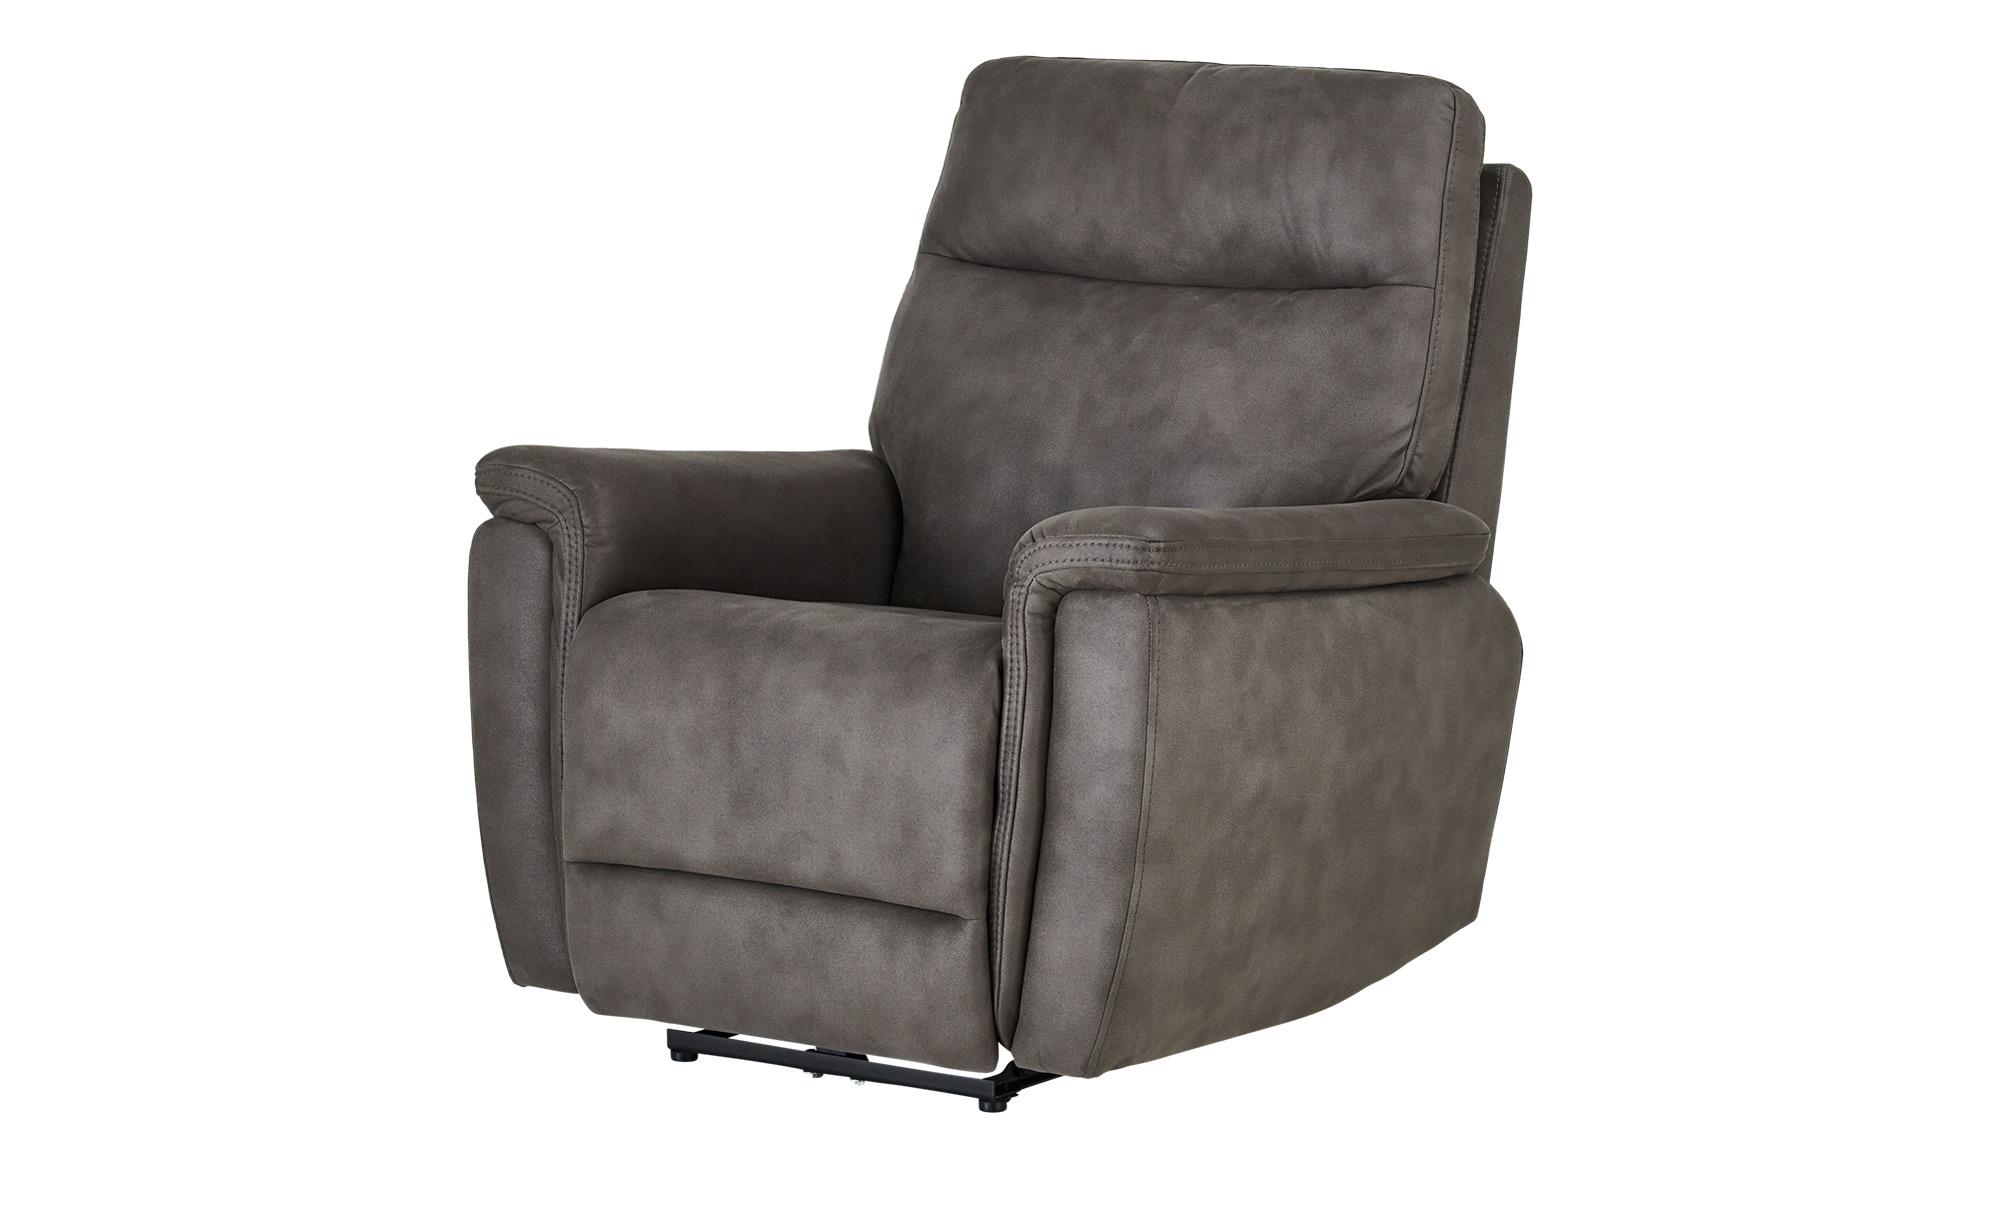 uno Relaxsessel  Dieke ¦ grau ¦ Maße (cm): B: 93 H: 107 T: 100 Polstermöbel > Sessel > Polstersessel - Höffner